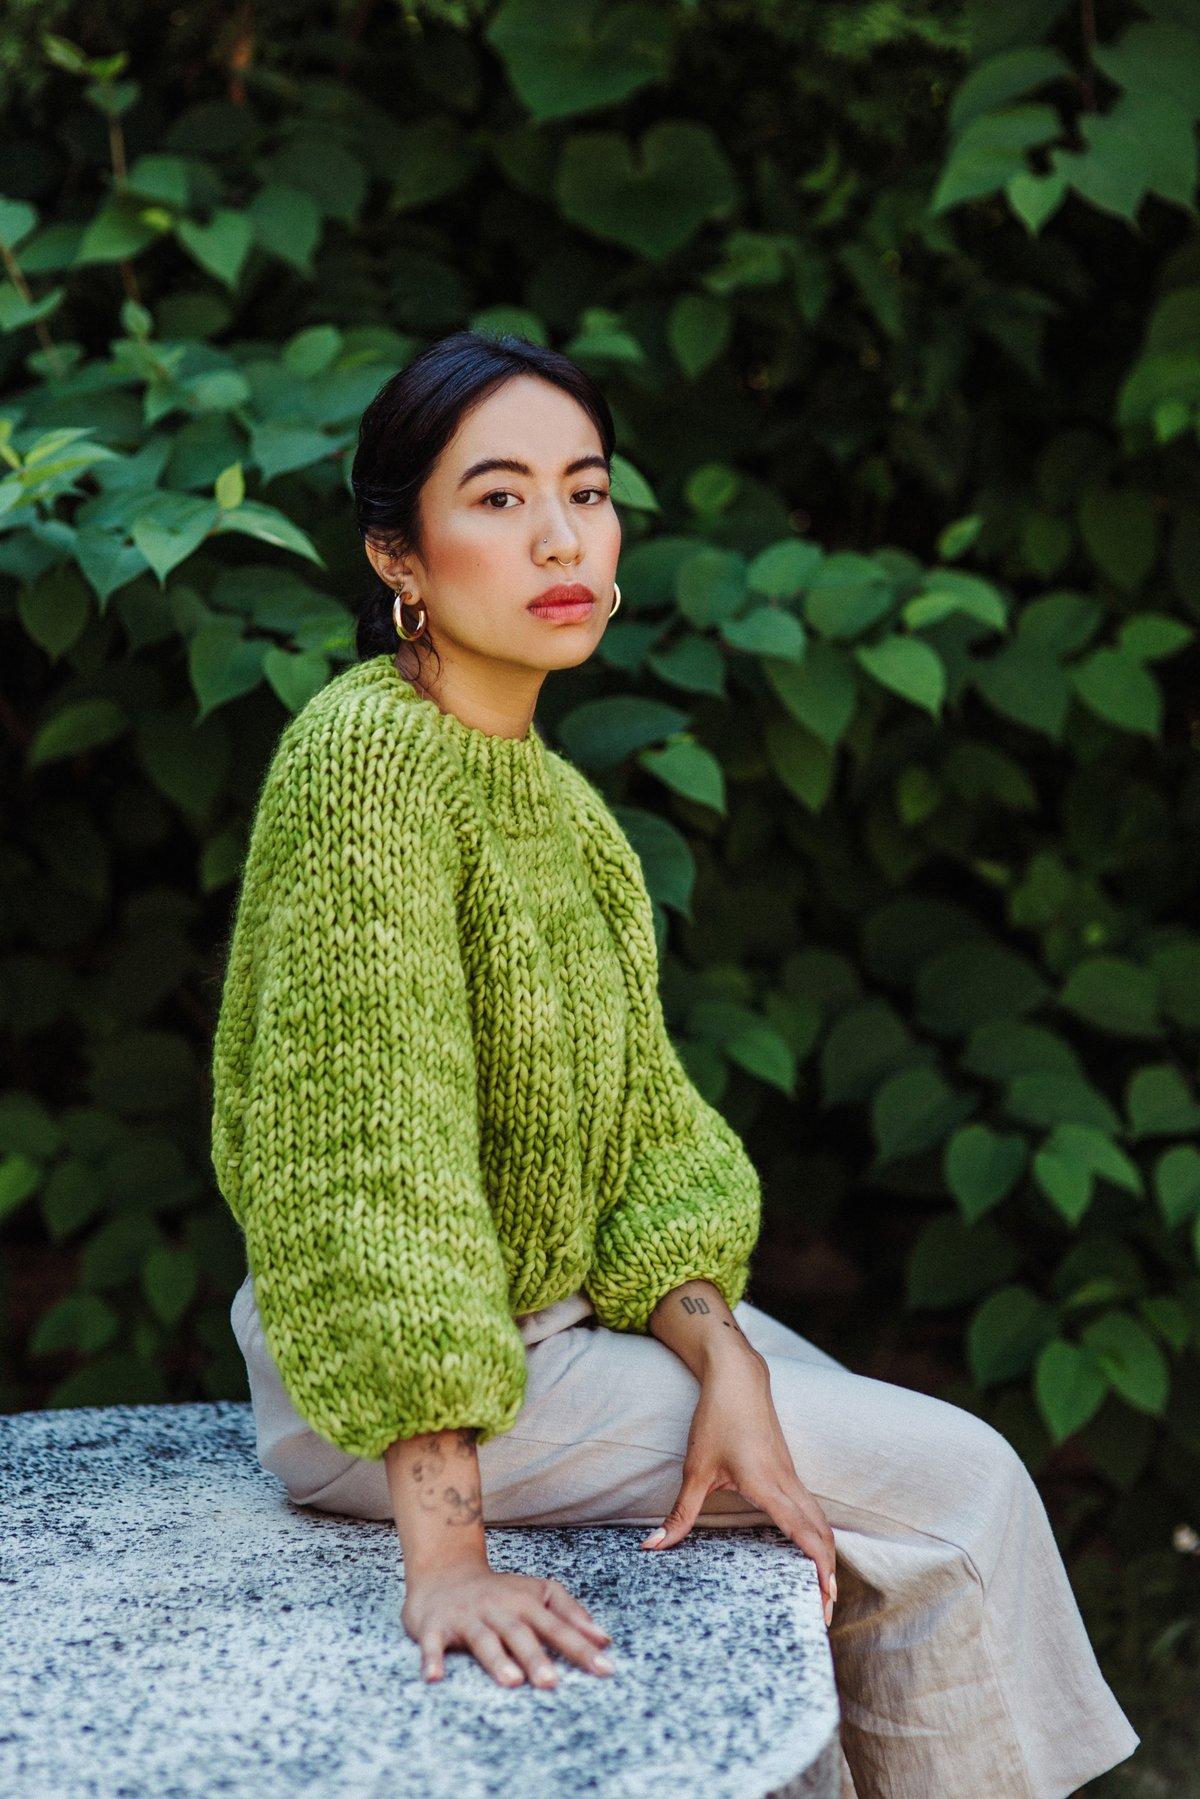 Image of Frid X Malabrigo Merino Knitting Kit (shown in Lettuce- more colours)